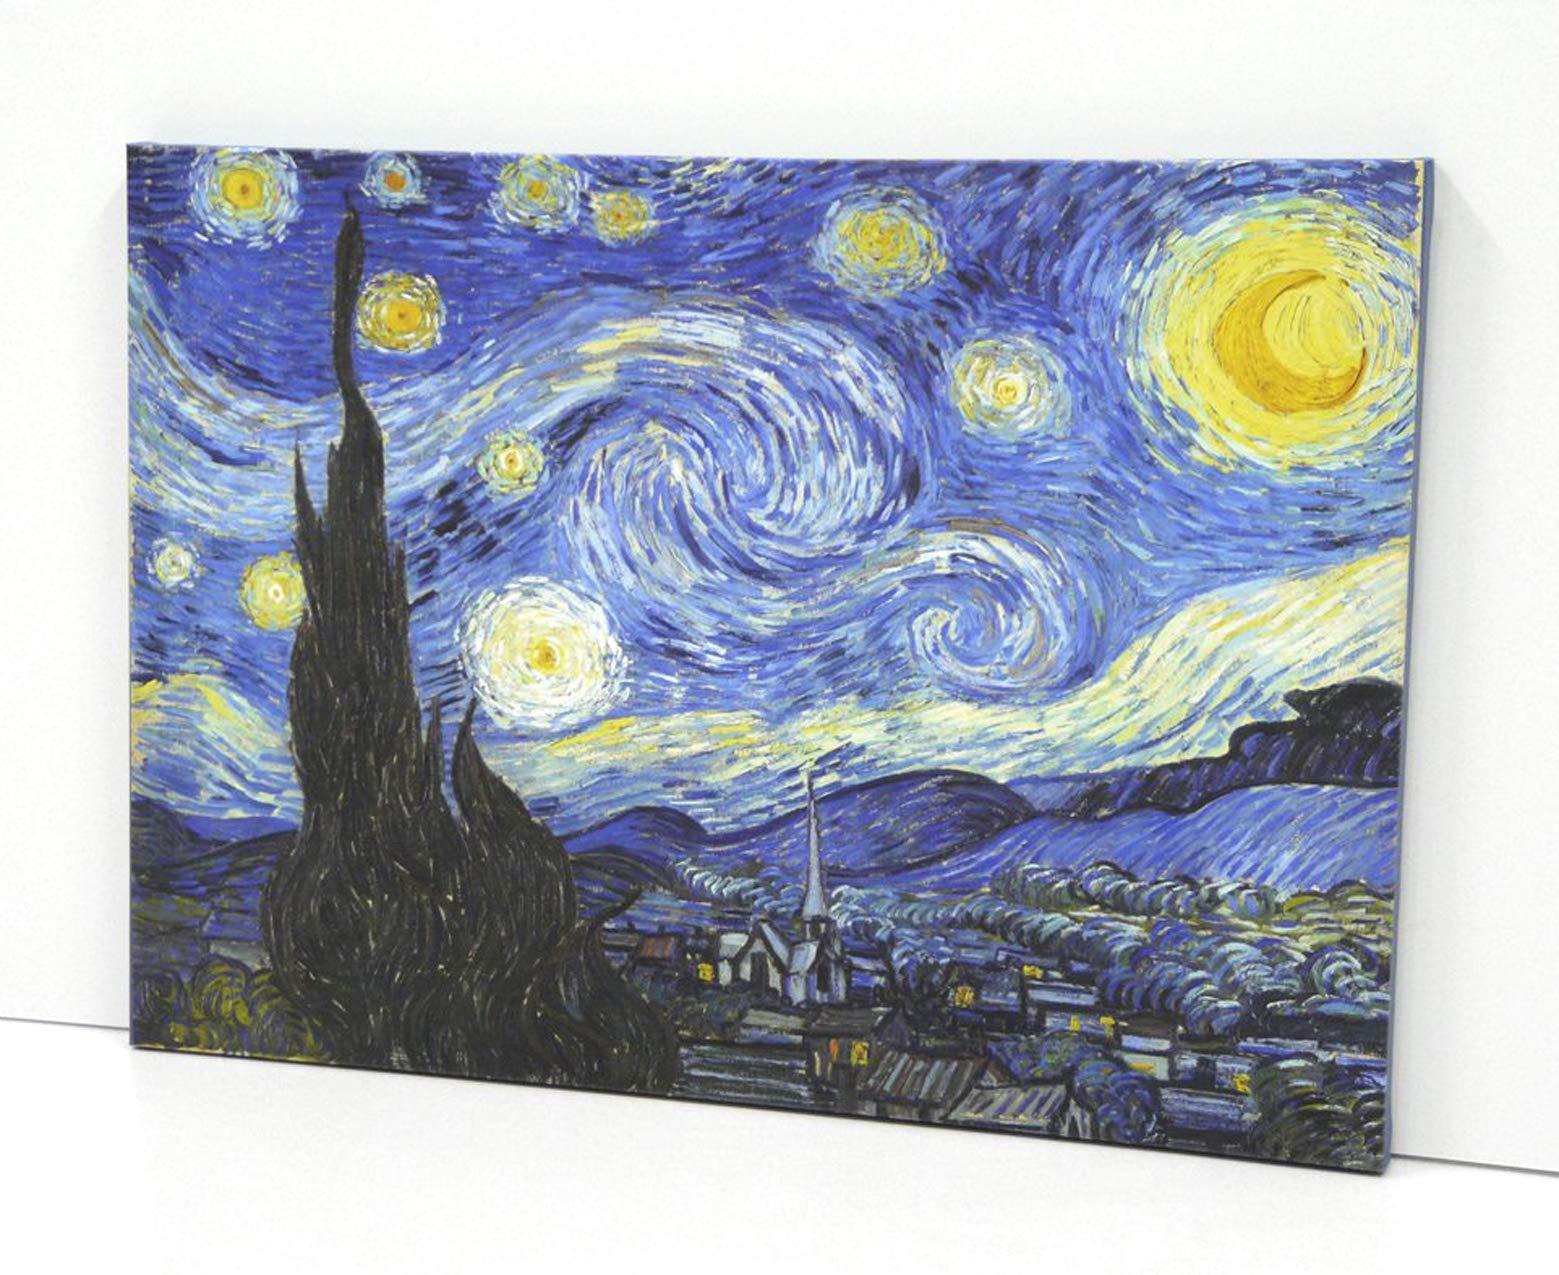 BaikalGallery Lienzo Van Gogh - LA Noche Estrellada- Impreso en Canvas de algodón de 320 gr.- Montado sobre Bastidor de Madera de Pino de 2 cm de Grosor. Acabado Mate. (50x70cm): Amazon.es: Hogar